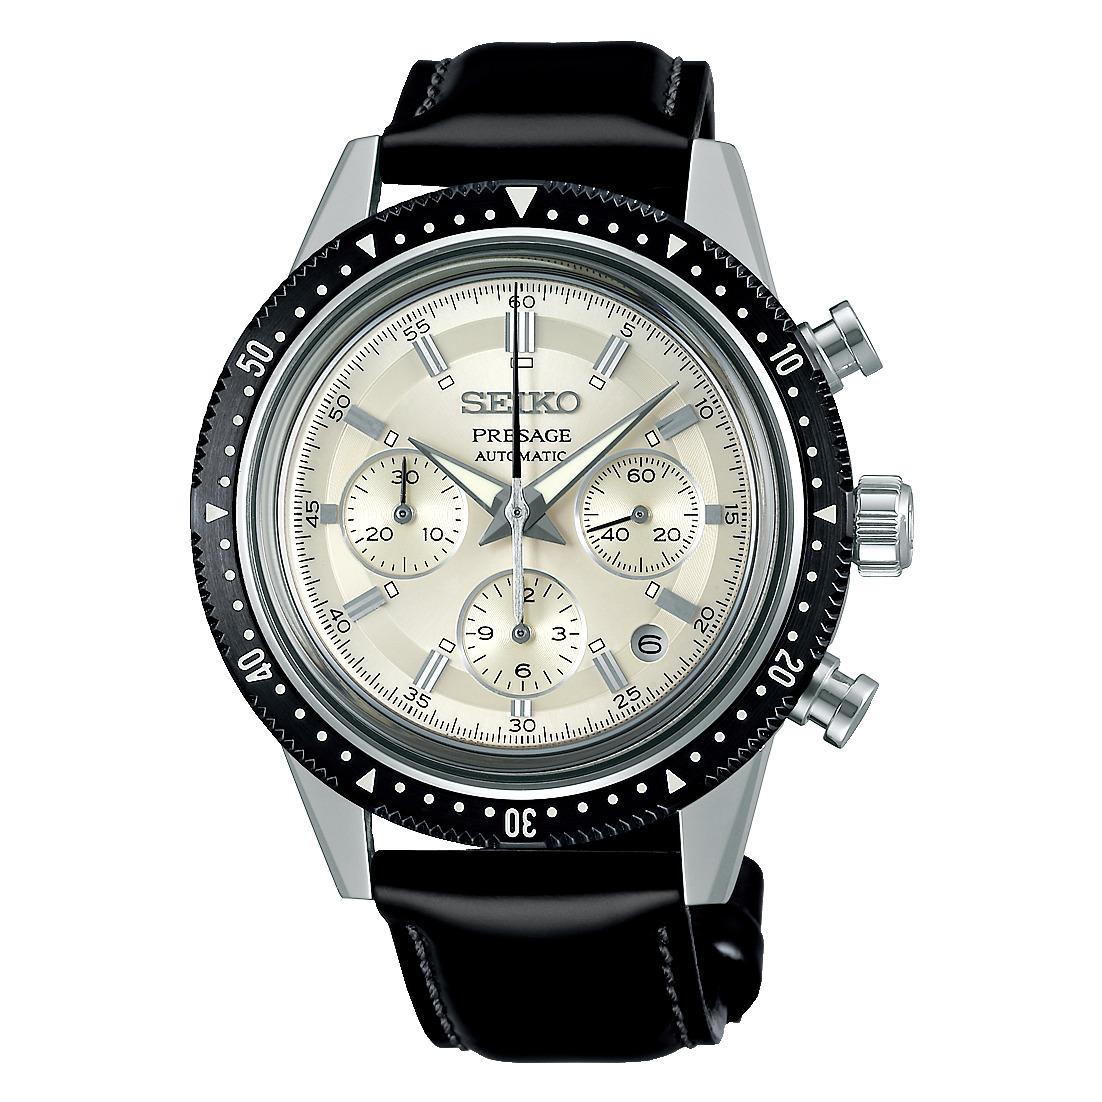 プレザージュ PRESAGE セイコー SEIKO SARK015 セイコークロノグラフ 55周年記念限定モデル 限定1000本 正規品 腕時計